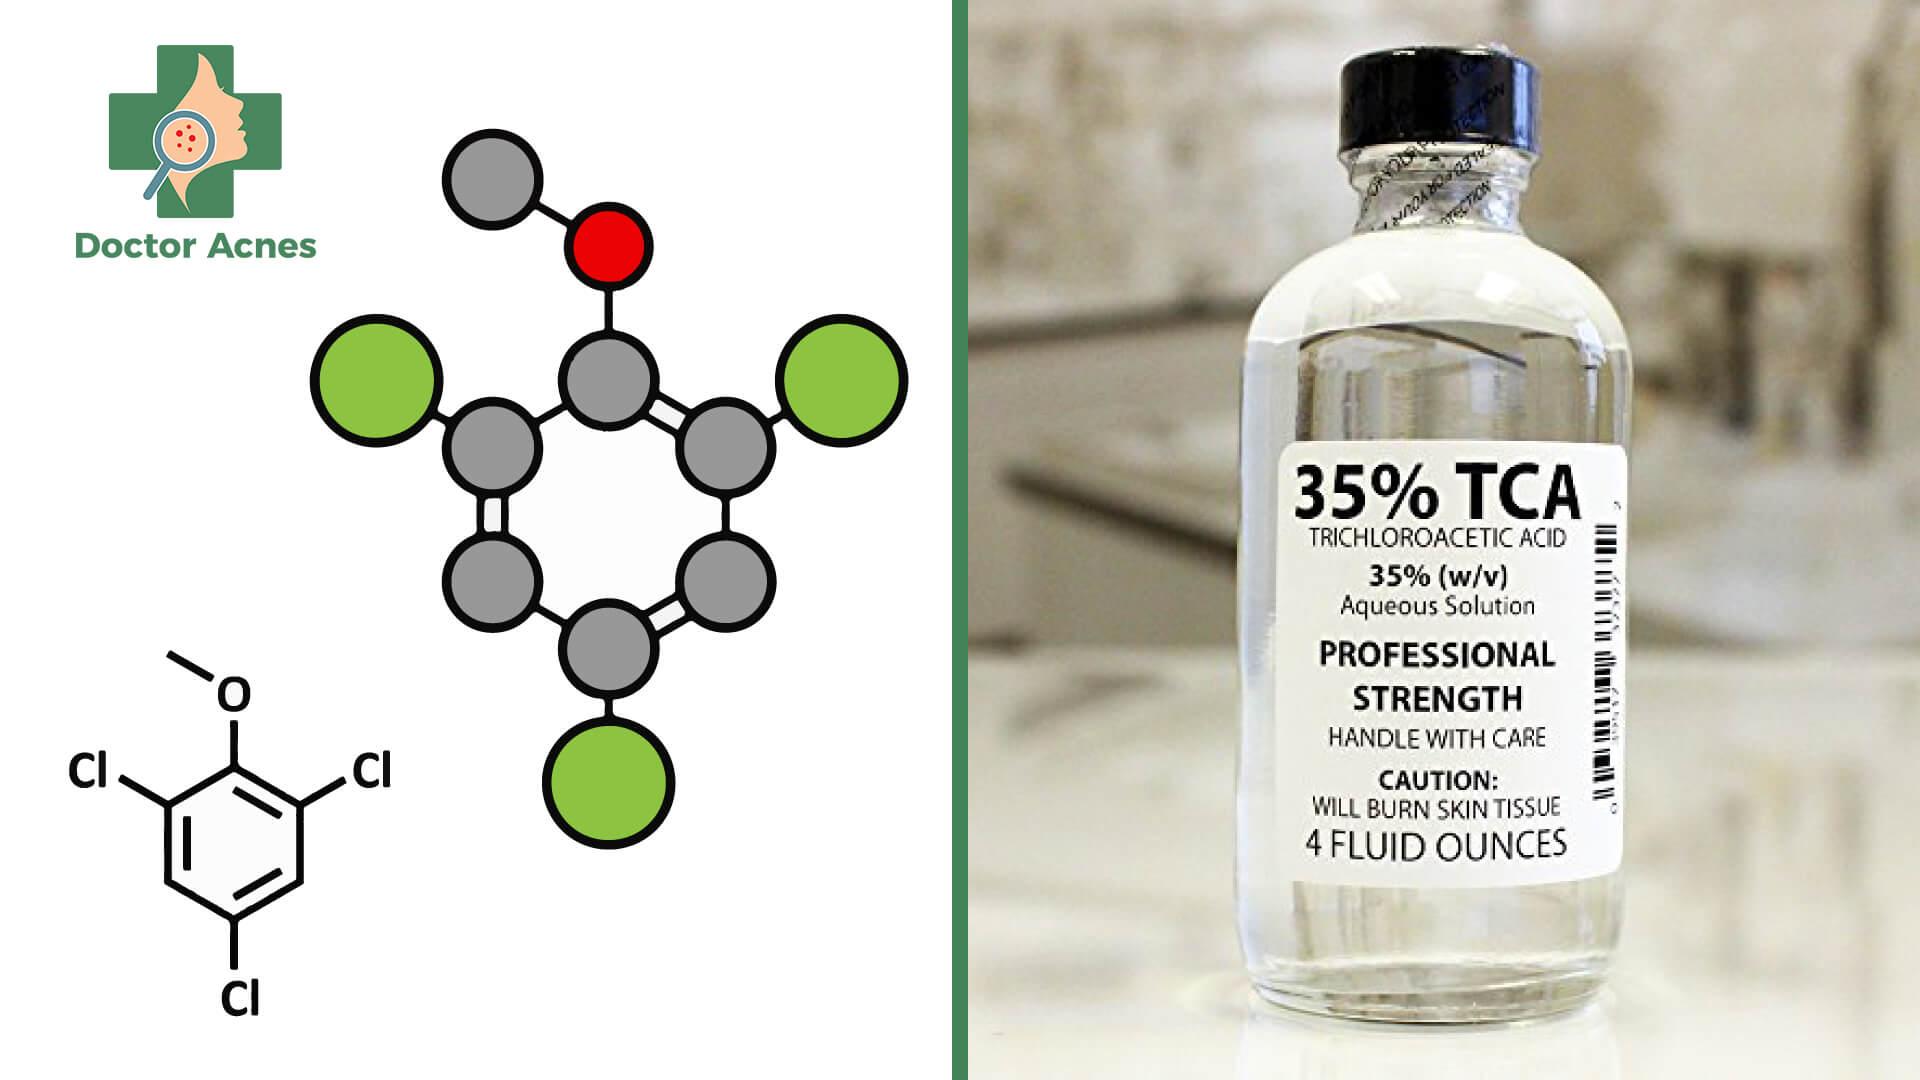 Trichloroacetic acid (TCA) là gì - Doctor Acnes